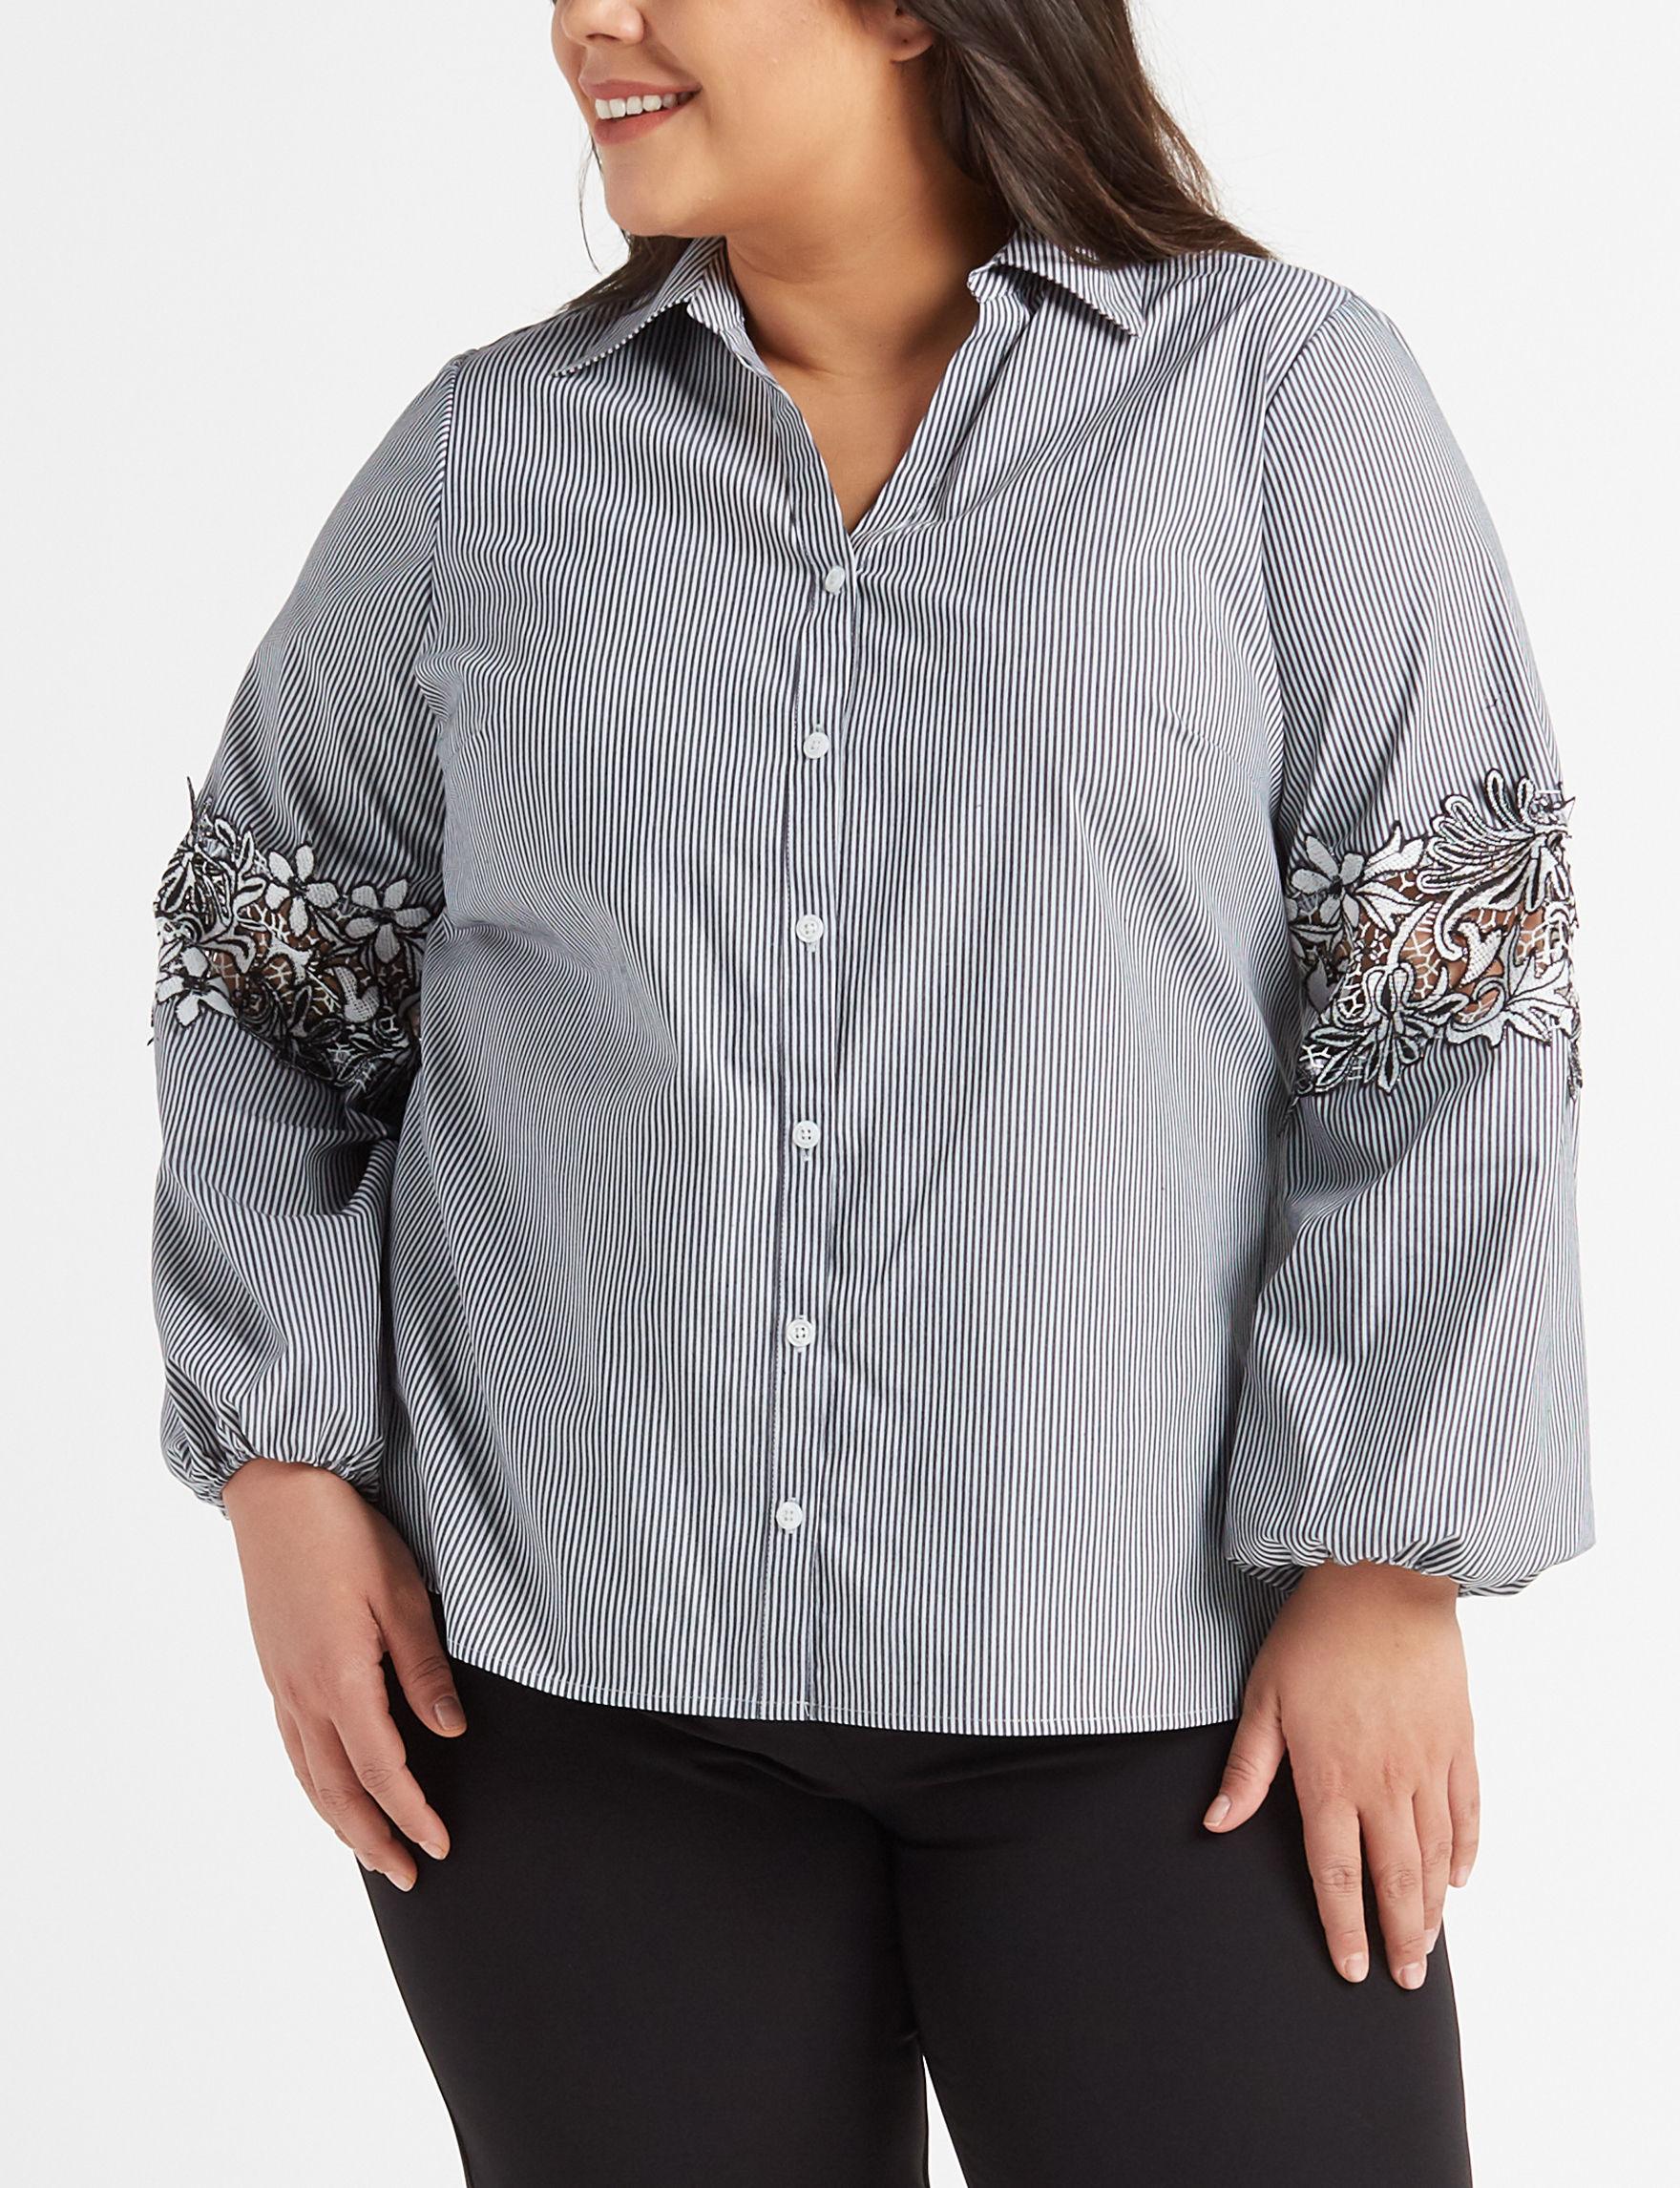 Zac & Rachel White / Black Shirts & Blouses